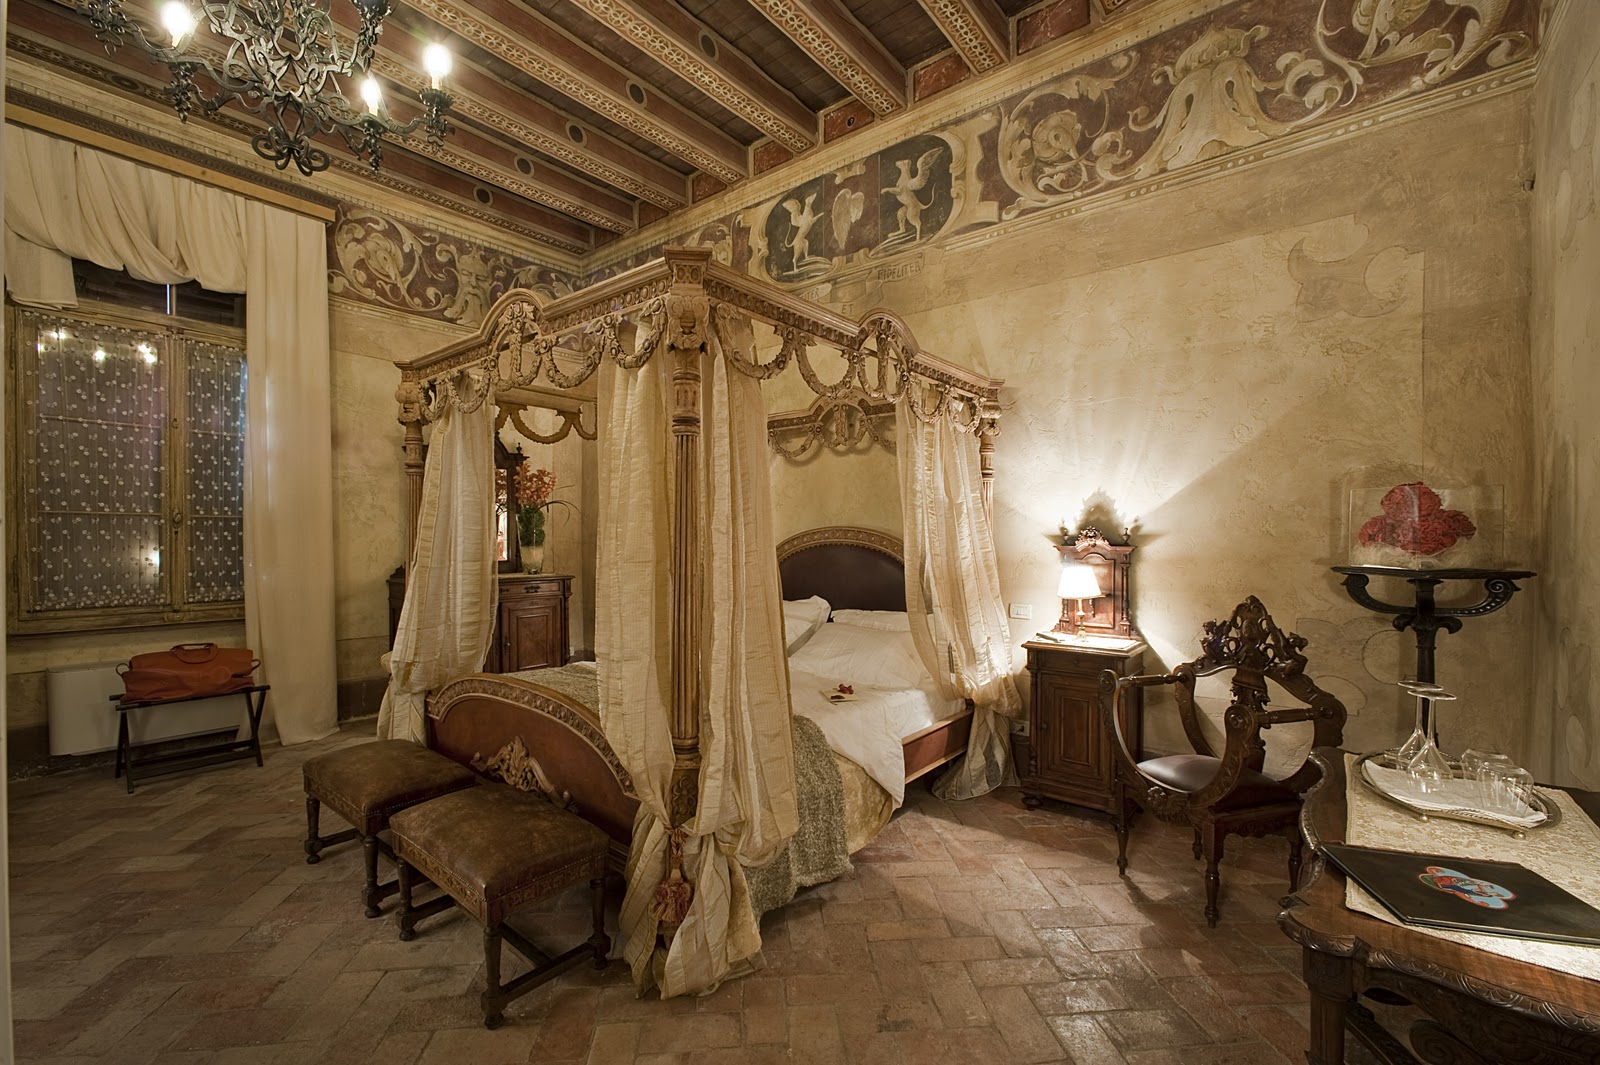 Momenti a due uma inesquec vel fuga rom ntica - Camera da letto antica ...